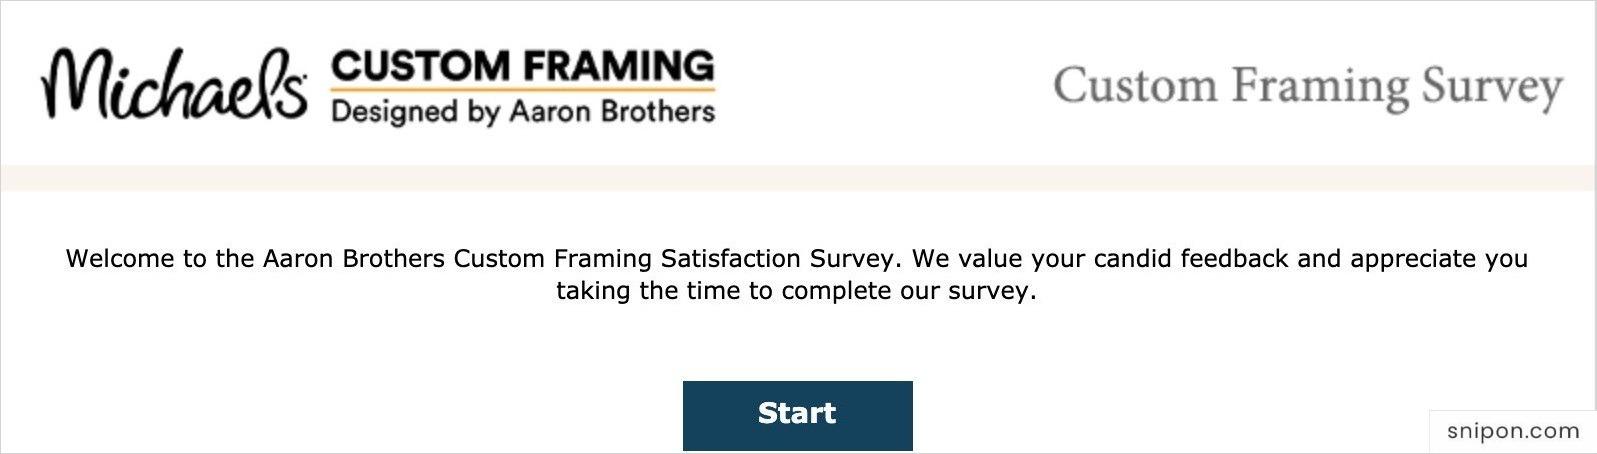 Start The Michael's Custom Framing Survey - MyMichaelsCustomFraming